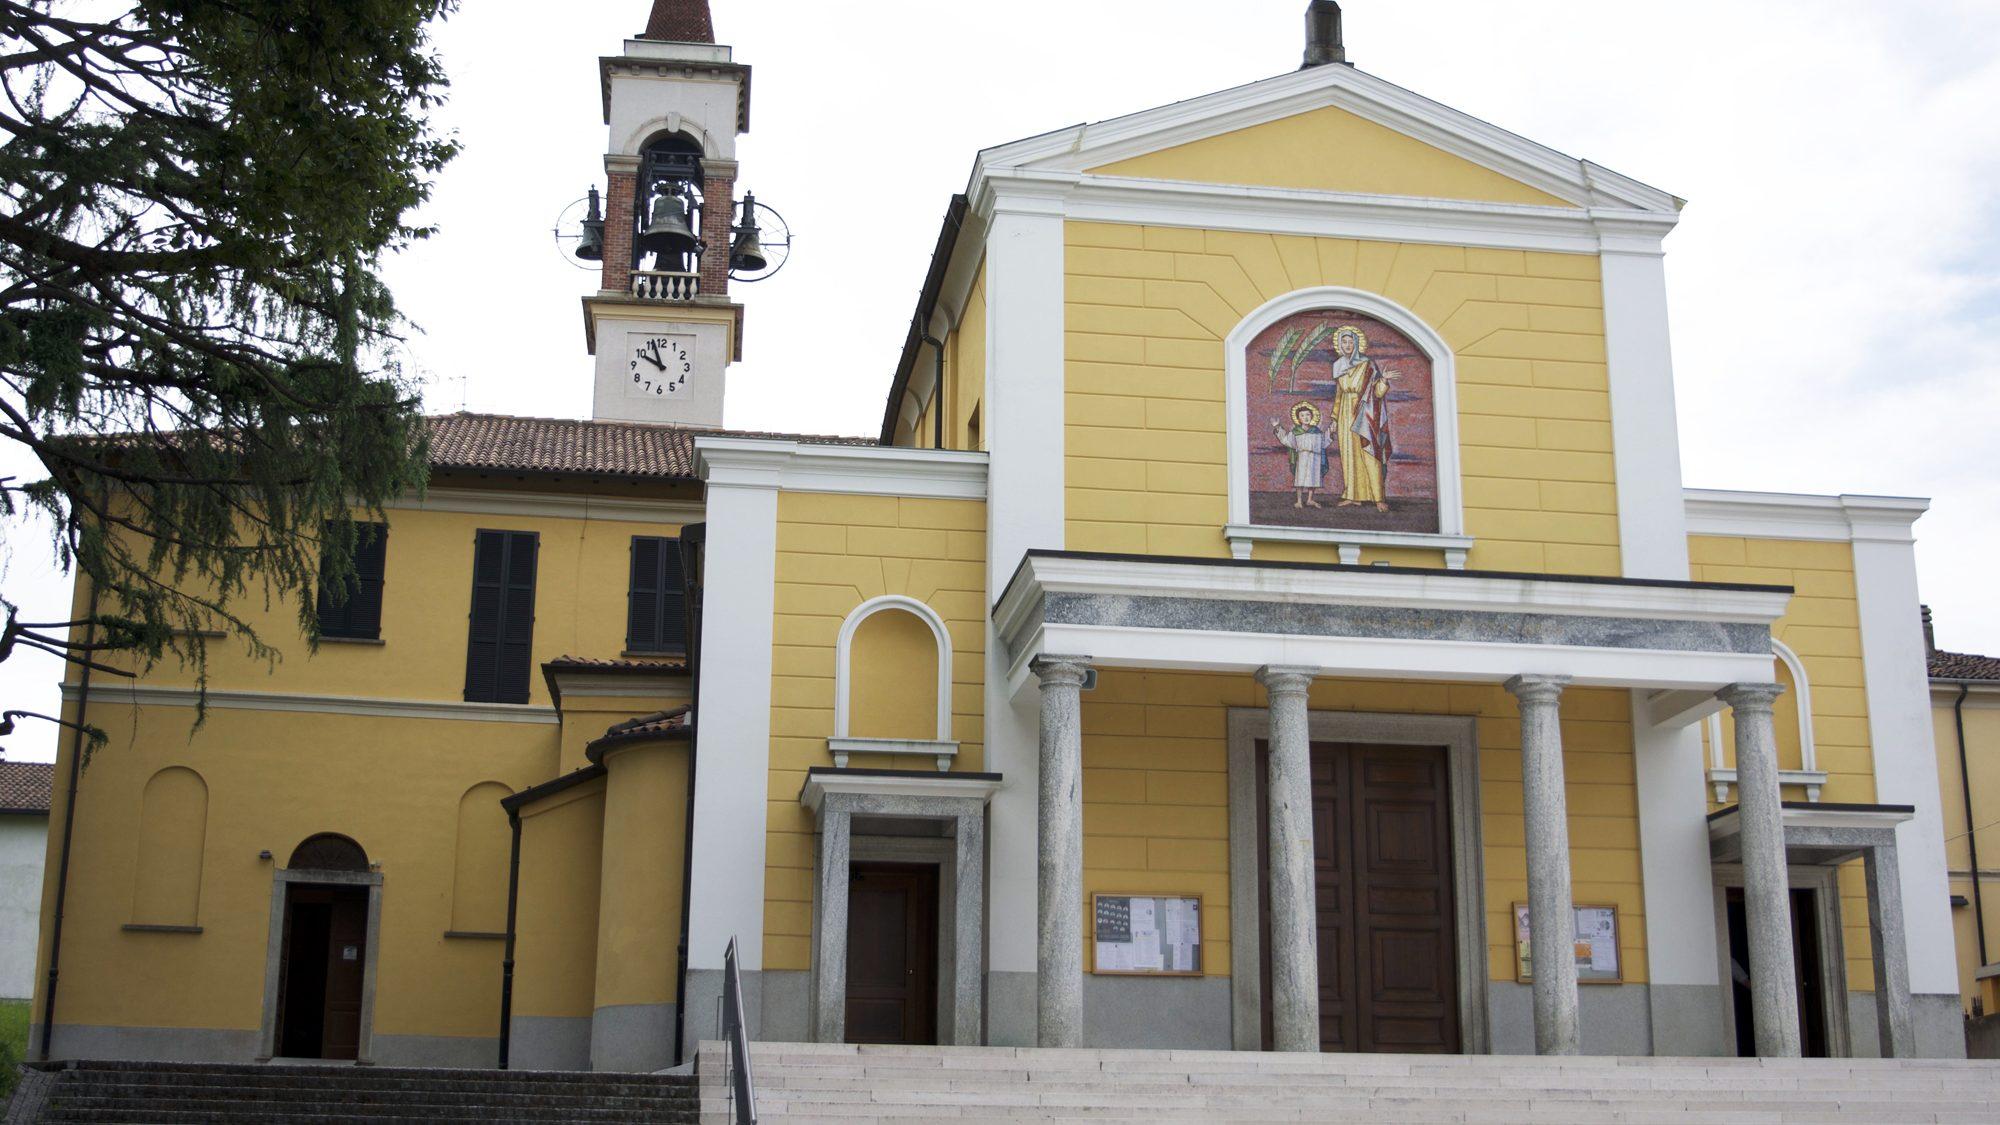 Mostra dell arredo sacro a robbiano di giussano raffaele for Arredo chiesa